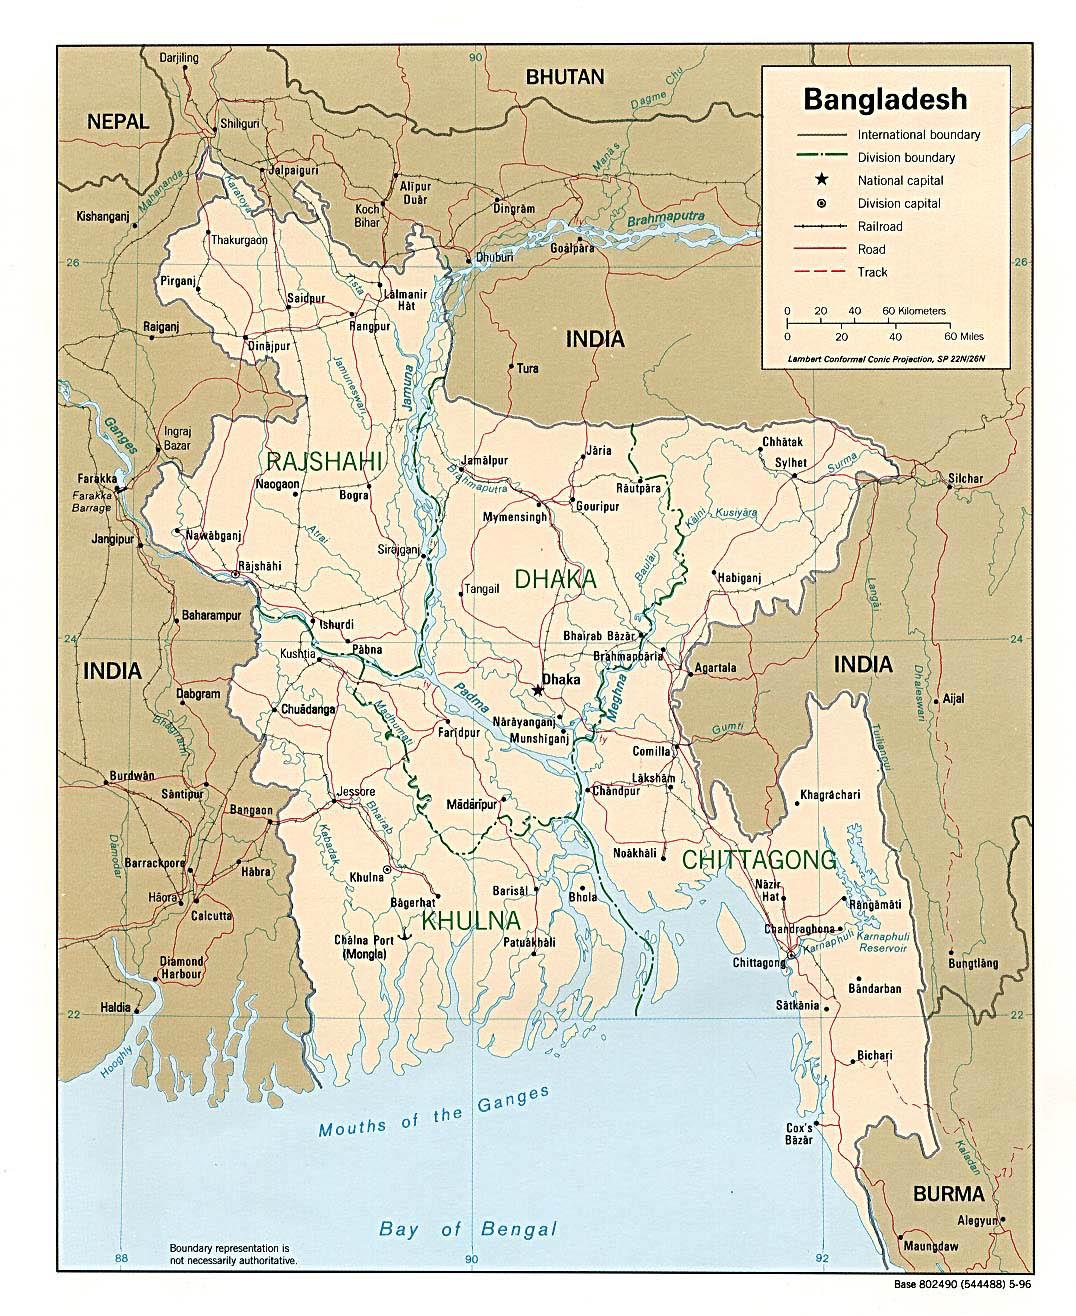 Road and political map of Bangladesh Bangladesh road and political